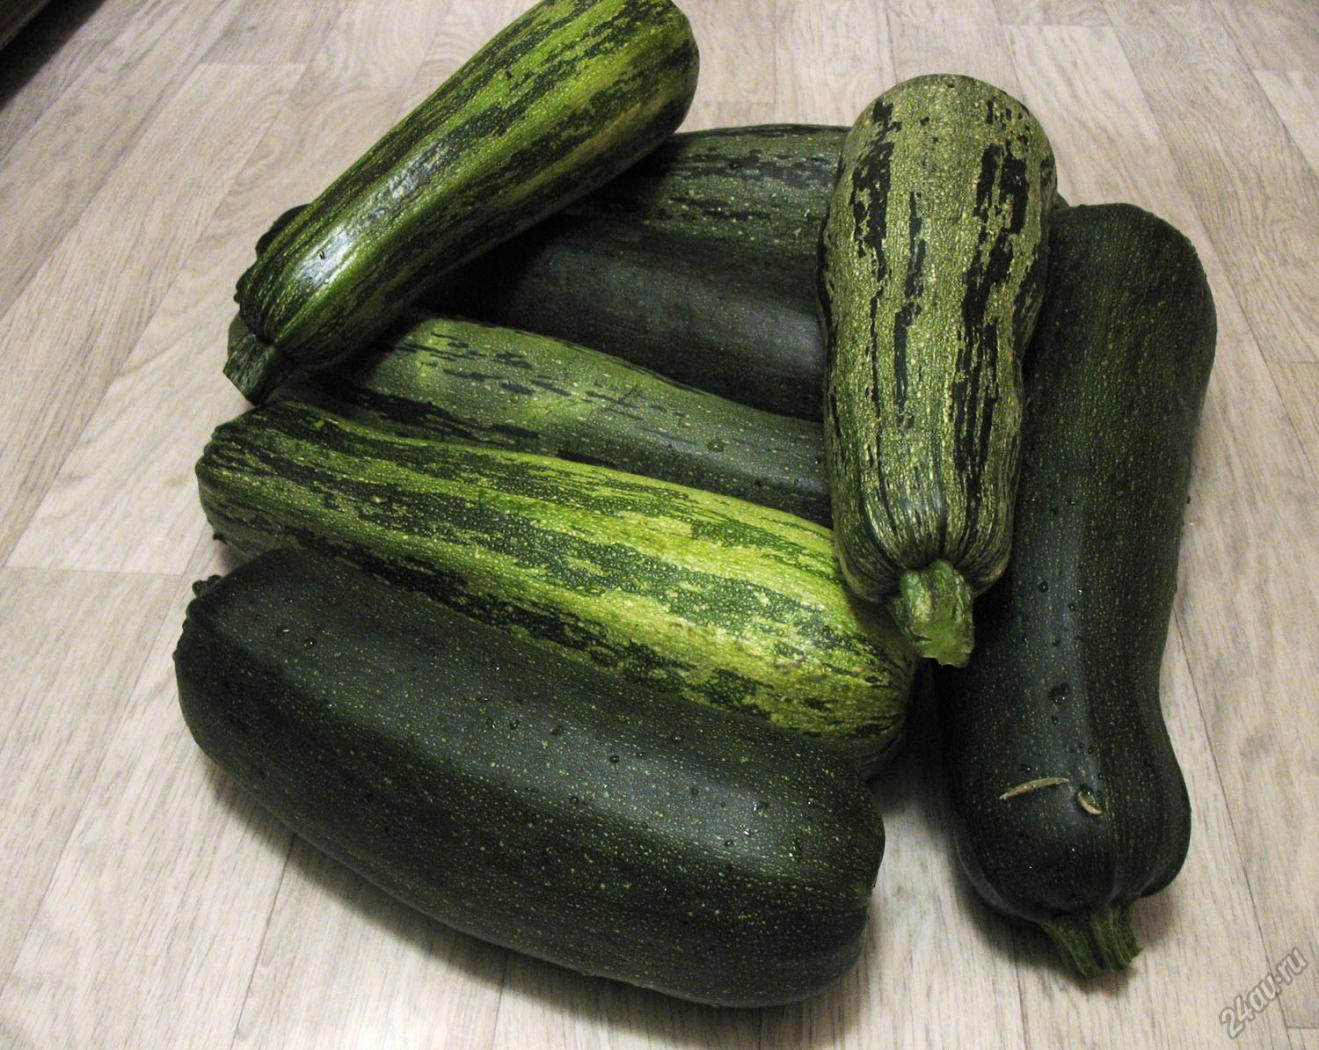 Цукини: польза, вред и калорийность   food and health